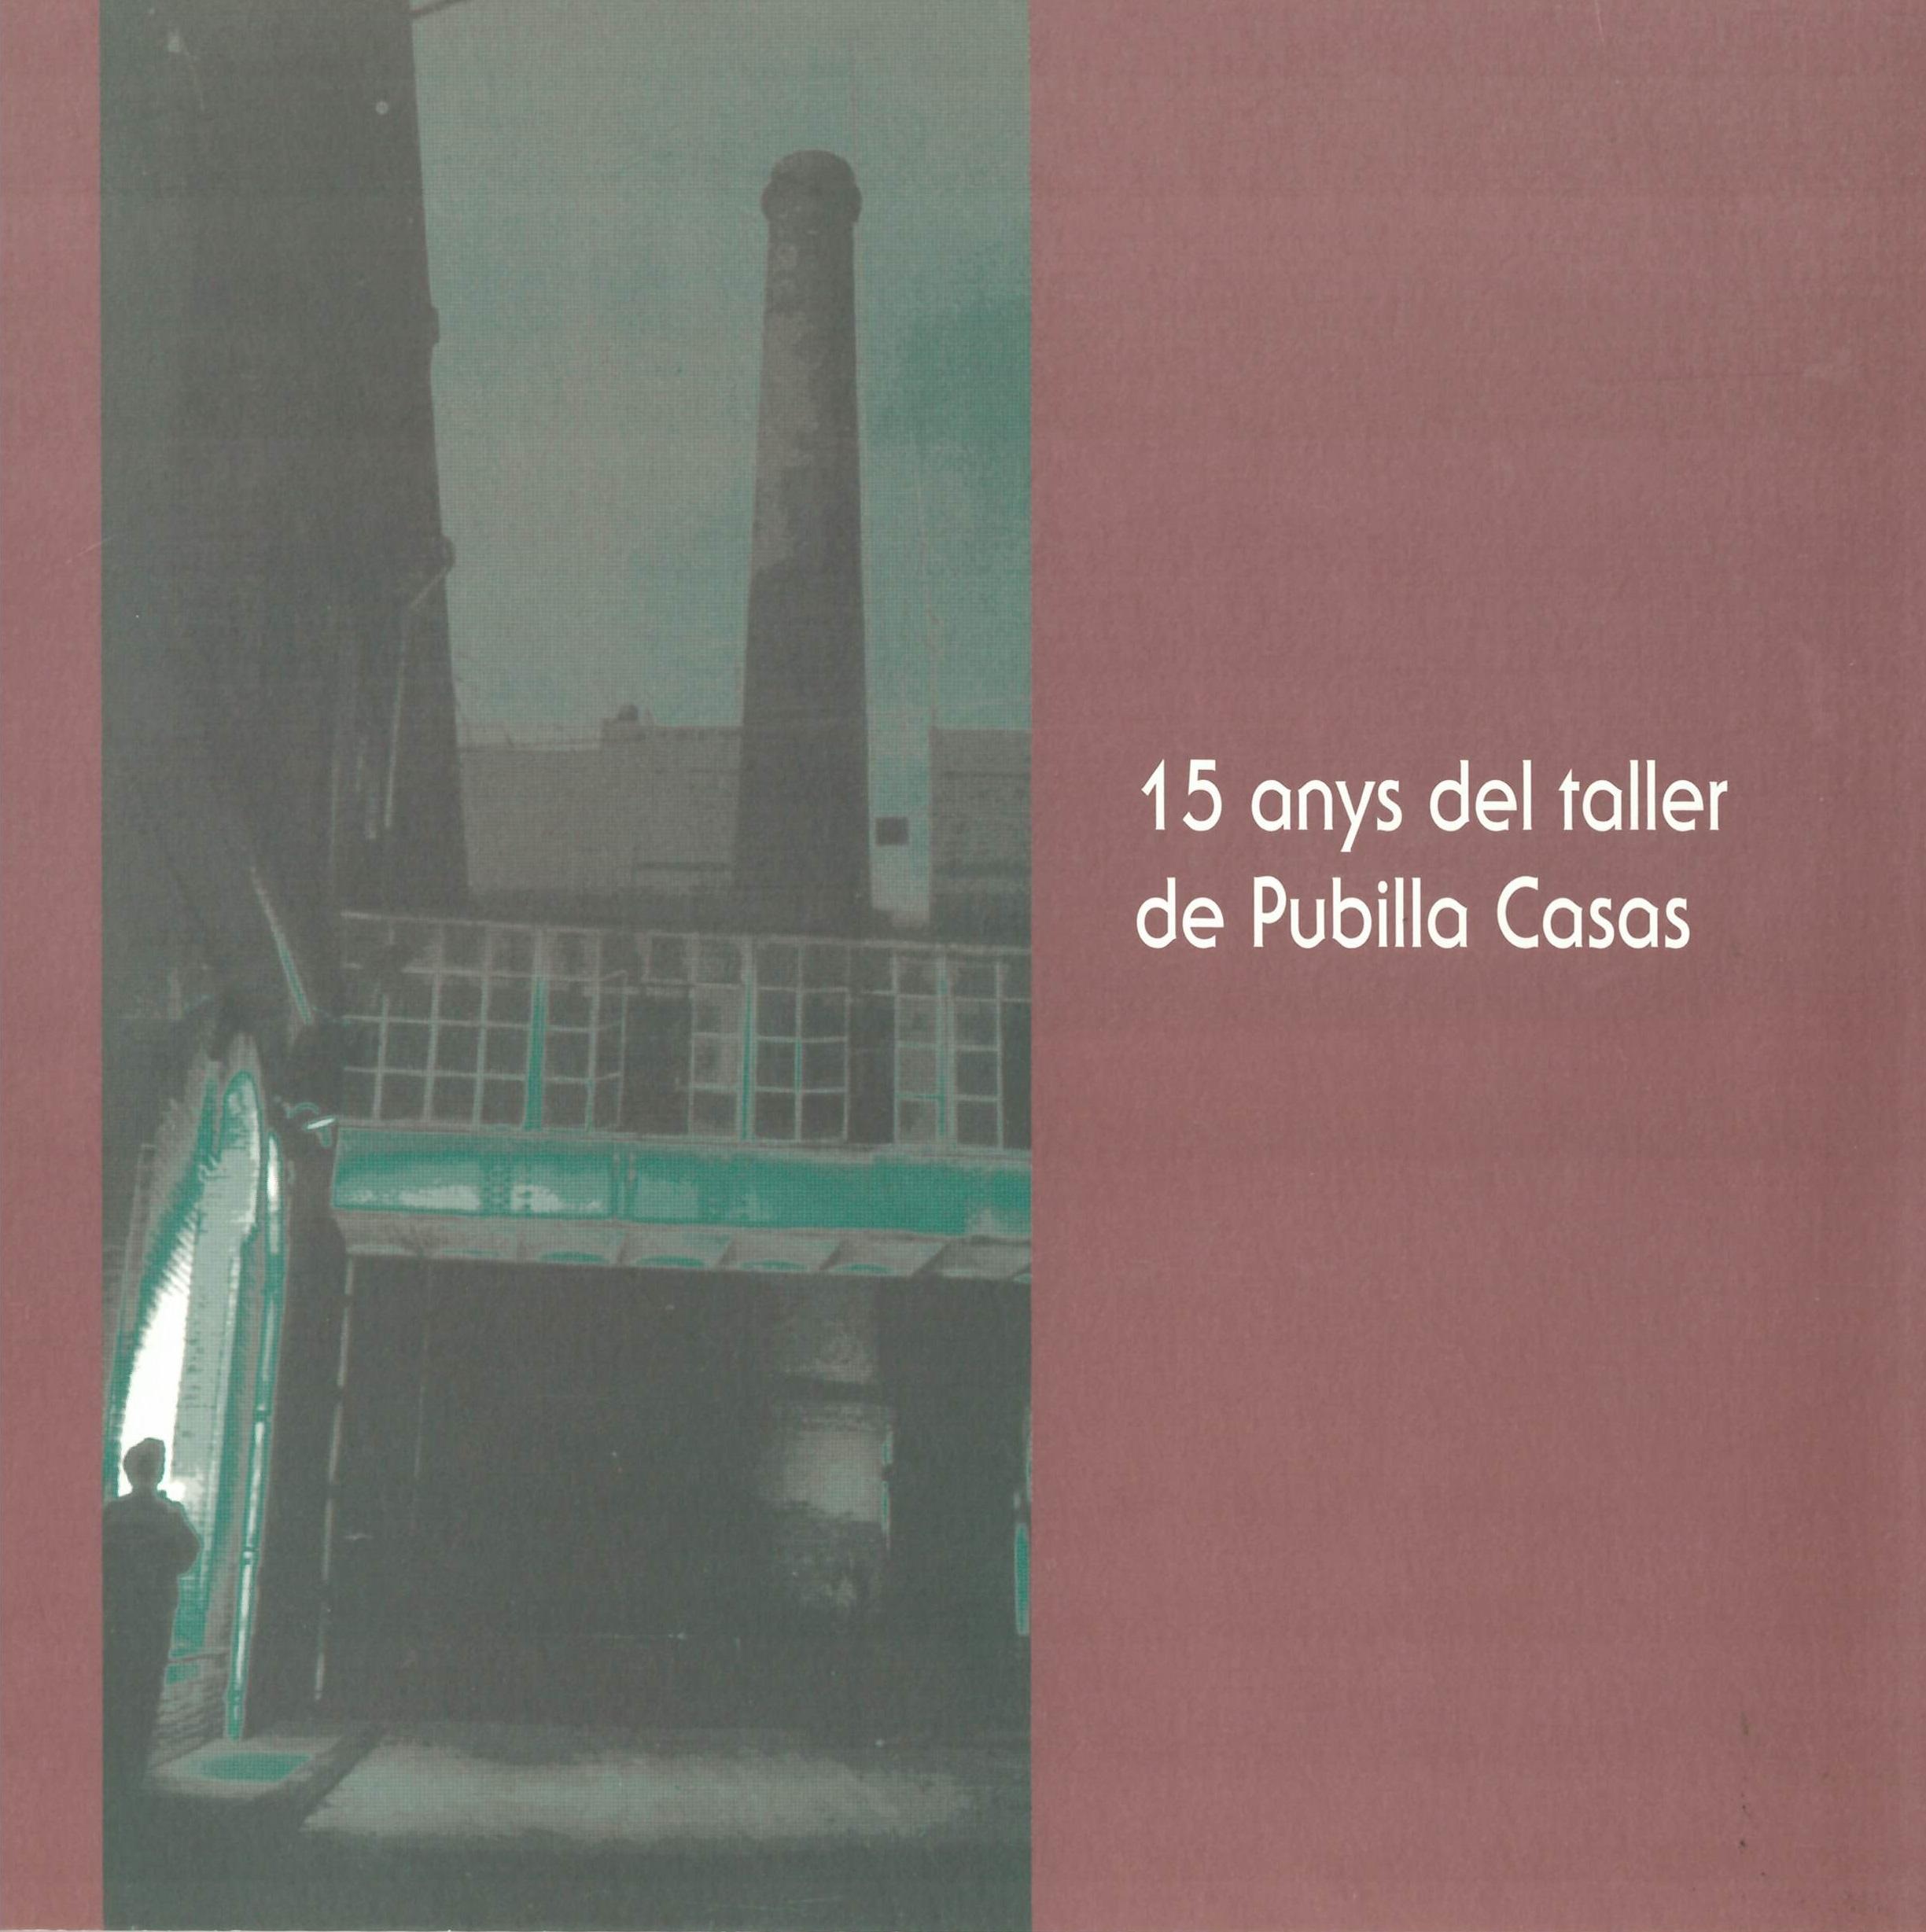 15 anys del taller de Pubilla Casas